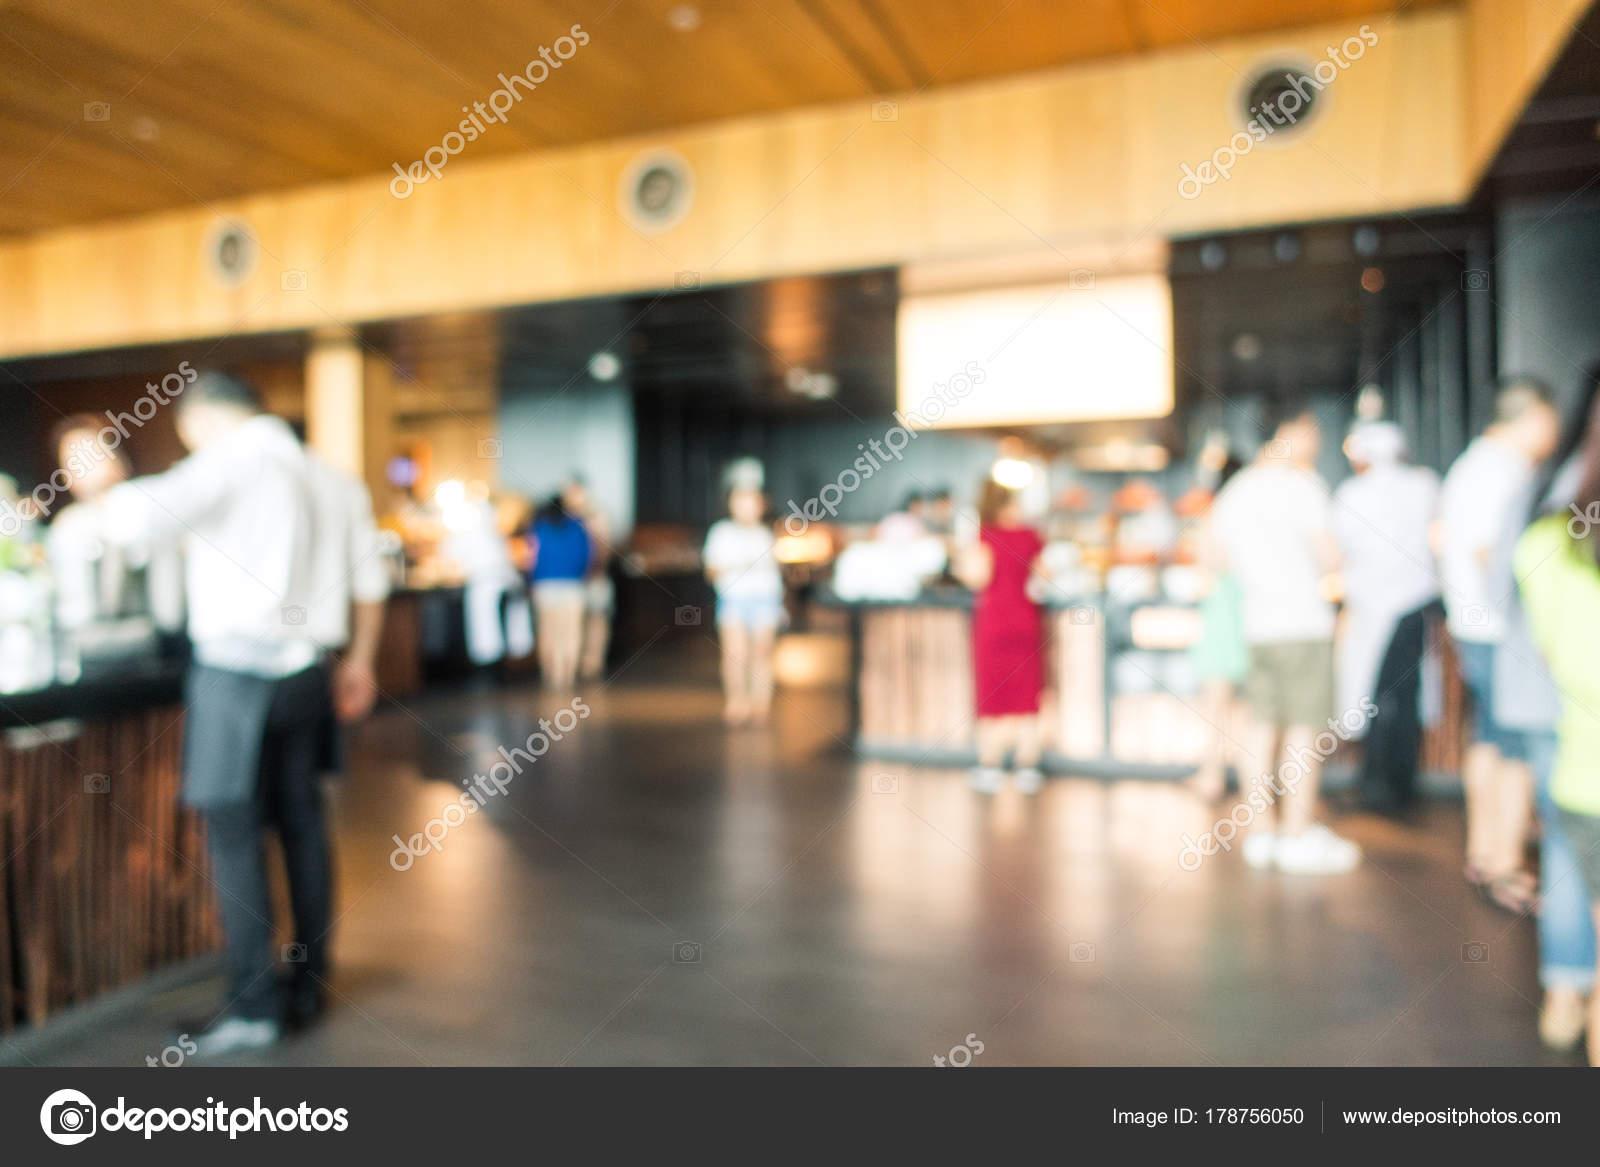 Abstrakt Verwischen Restaurant Interieur Für Hintergrund Vintage ...